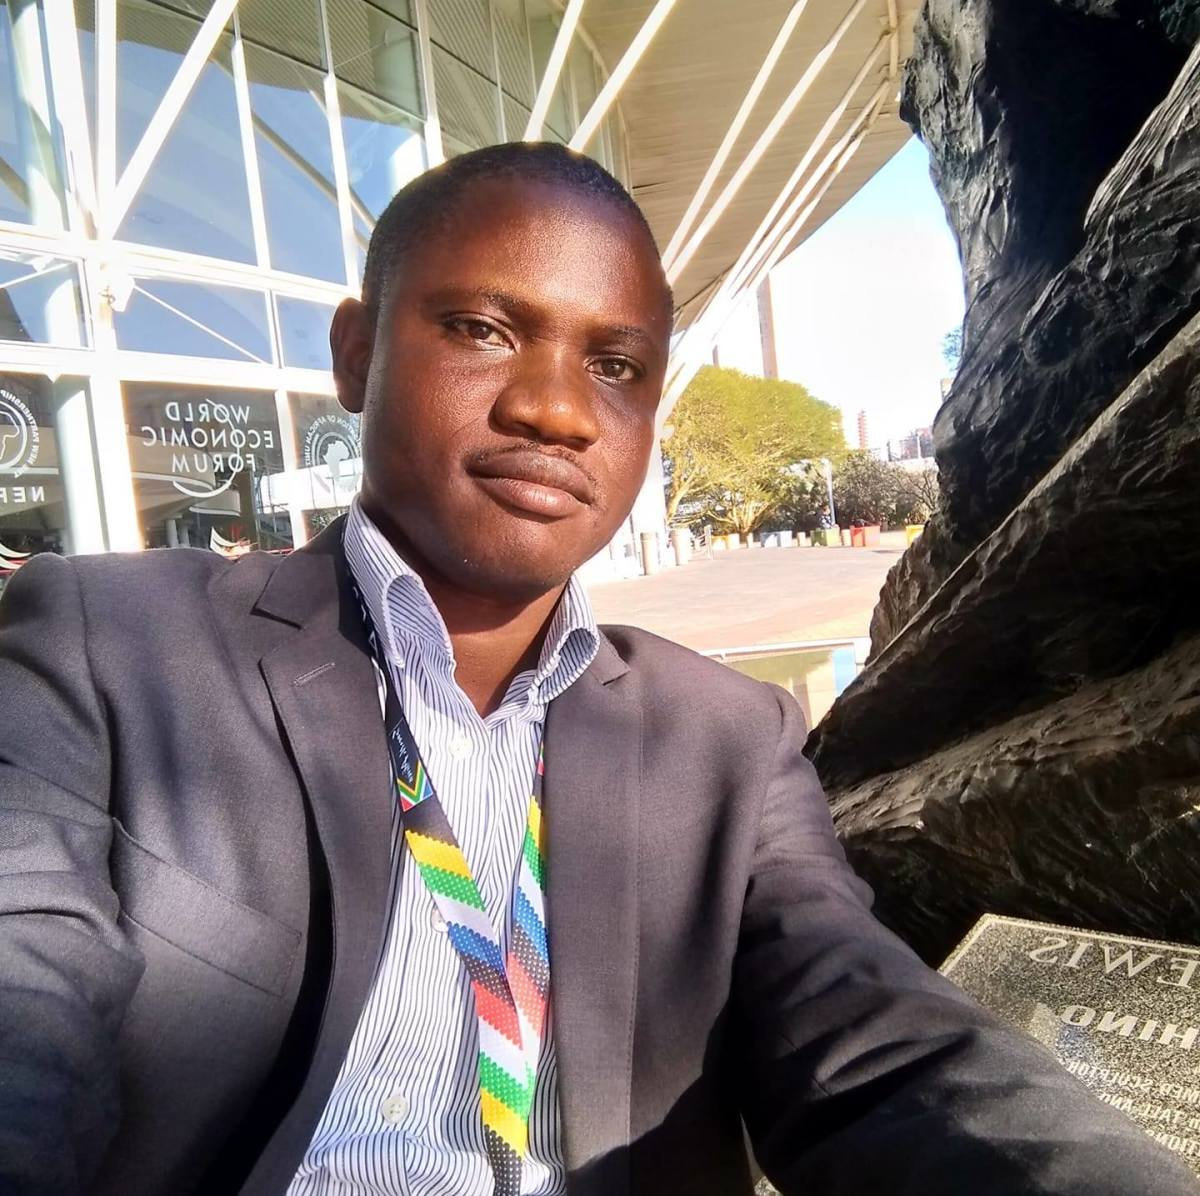 Dr. Olugbenga Ofakunrin